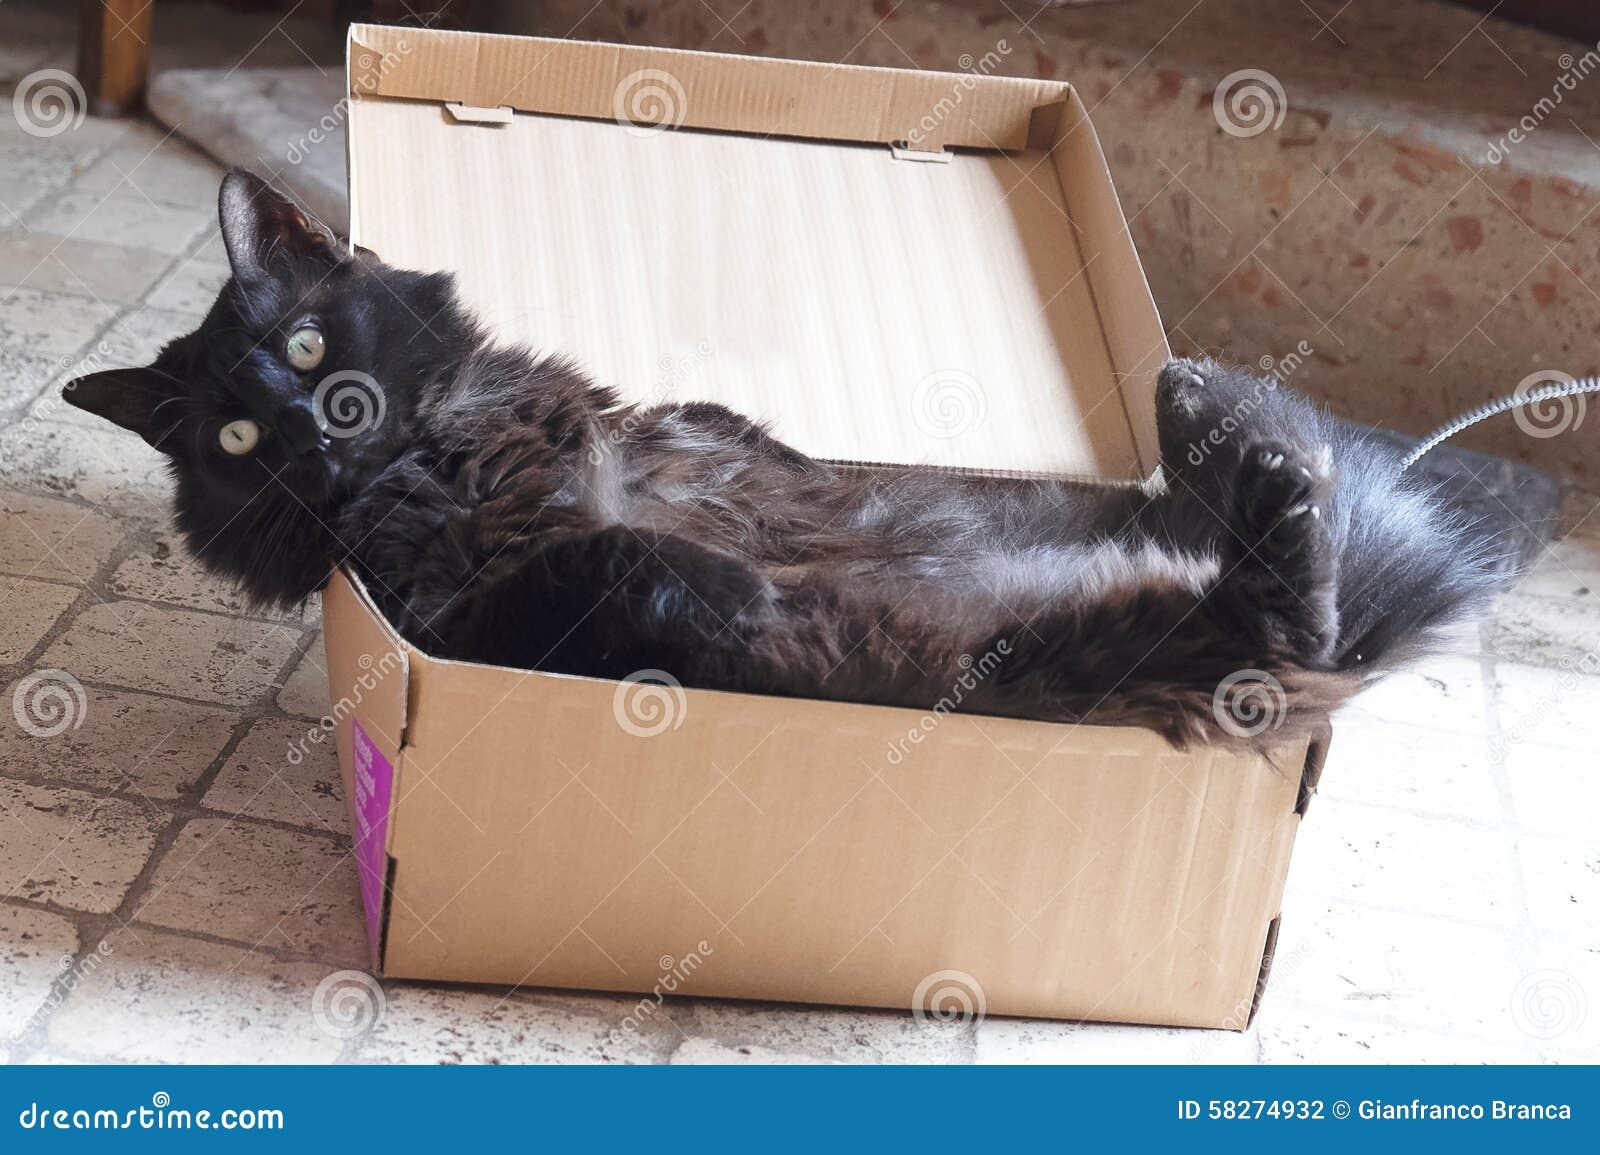 Gatto nero in una scatola